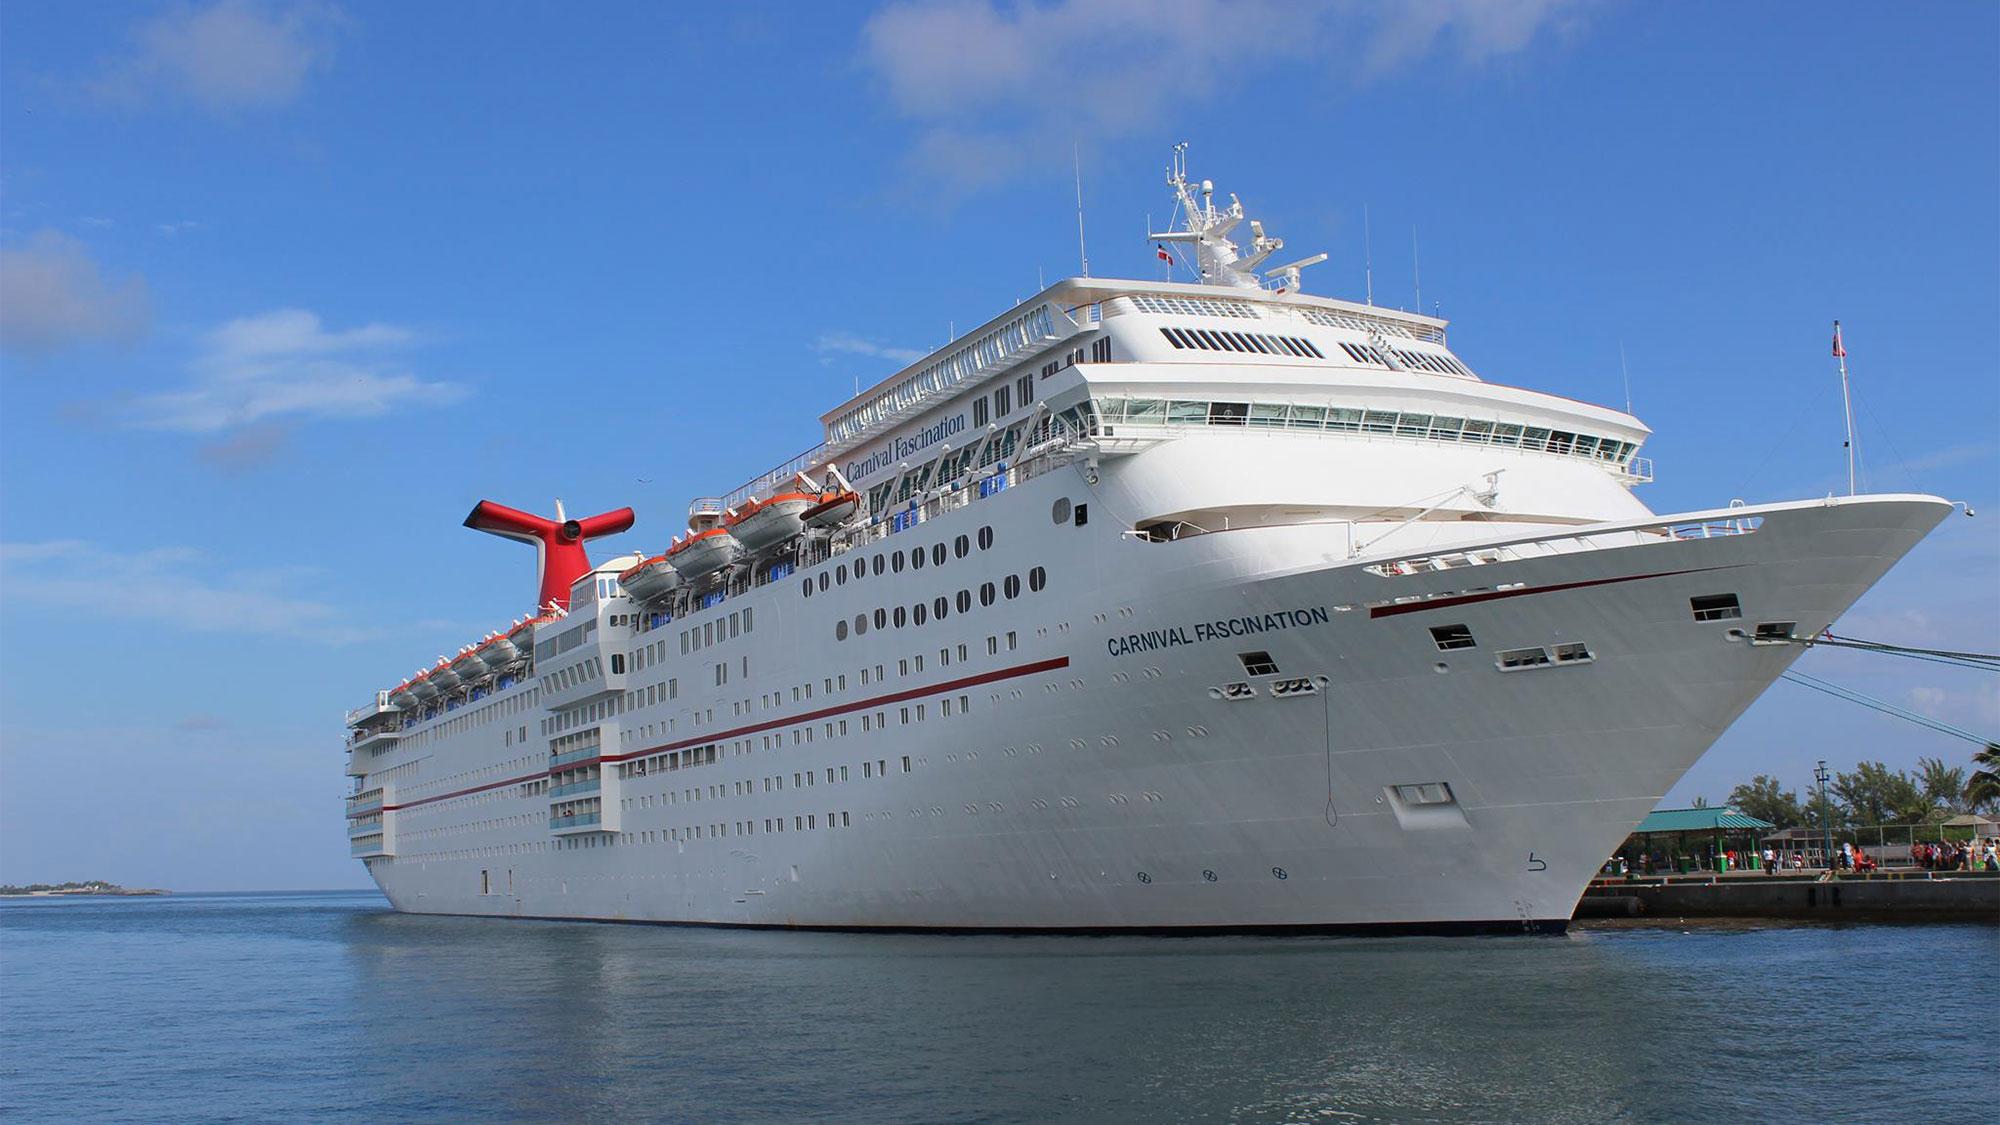 Carnival Fascination Chartered To Fema San Juan Departures Canceled Wetravel2u S Weblog